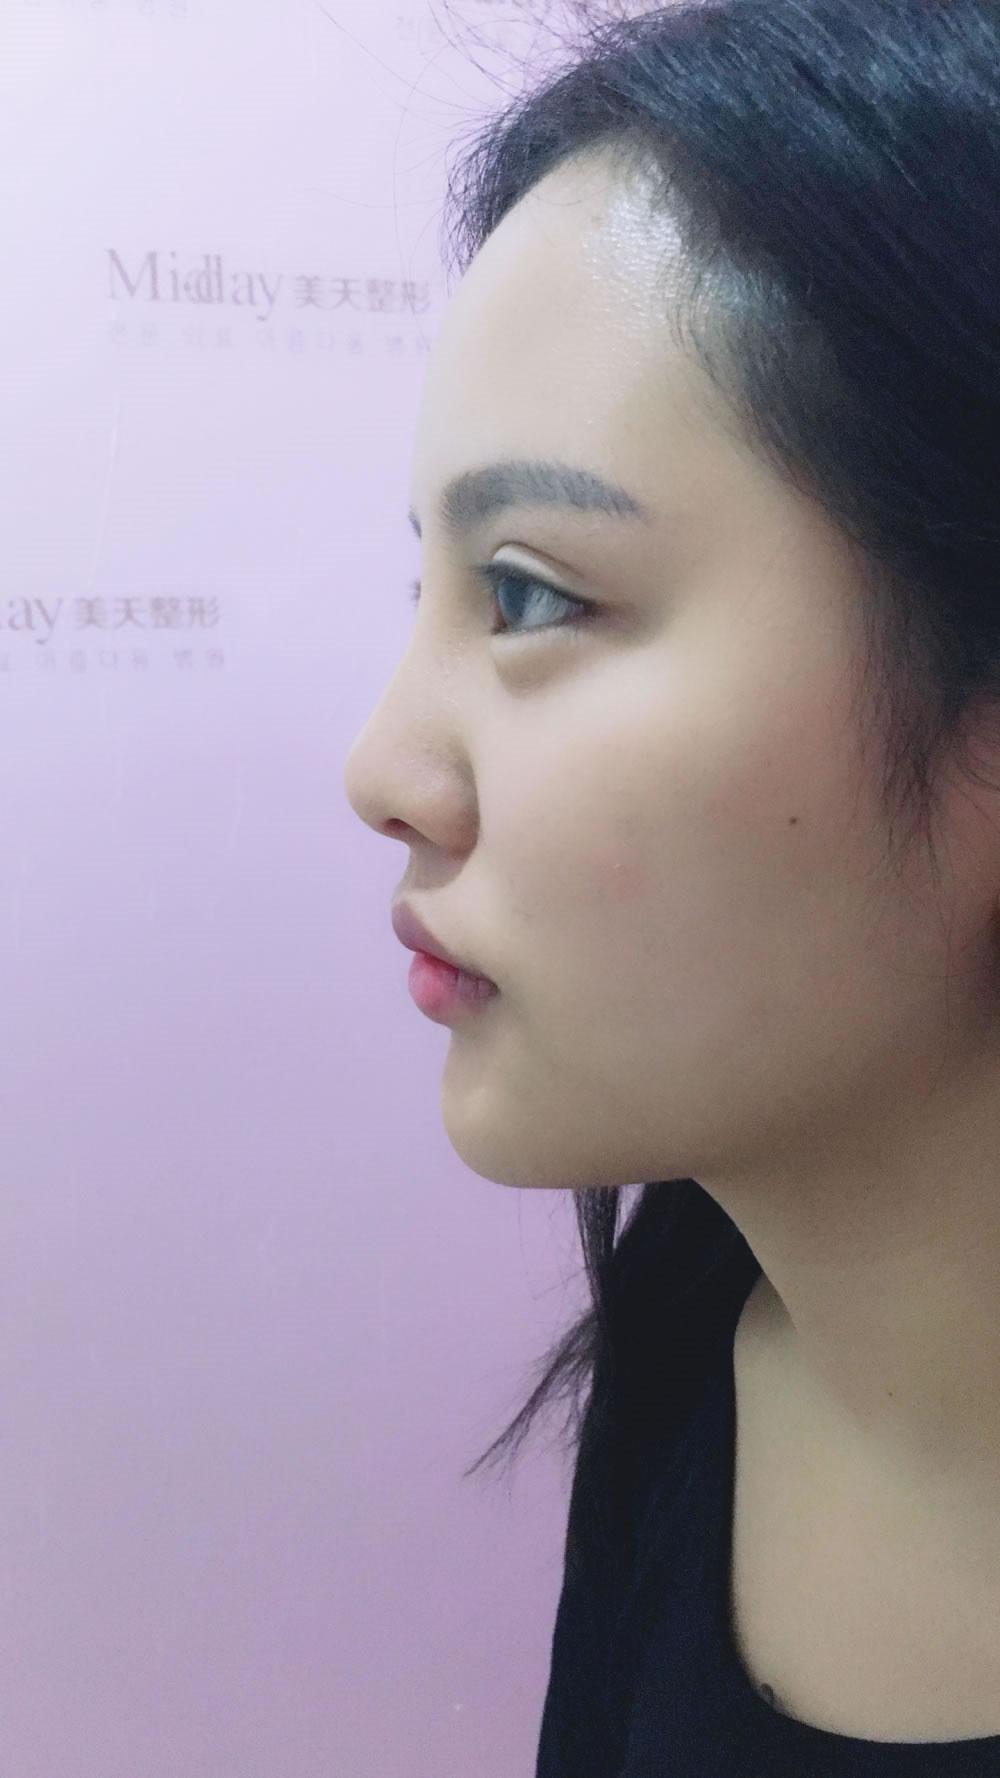 武汉美天做的鼻修复跟假体下巴,听朋友说美天朱院长的技术很出名